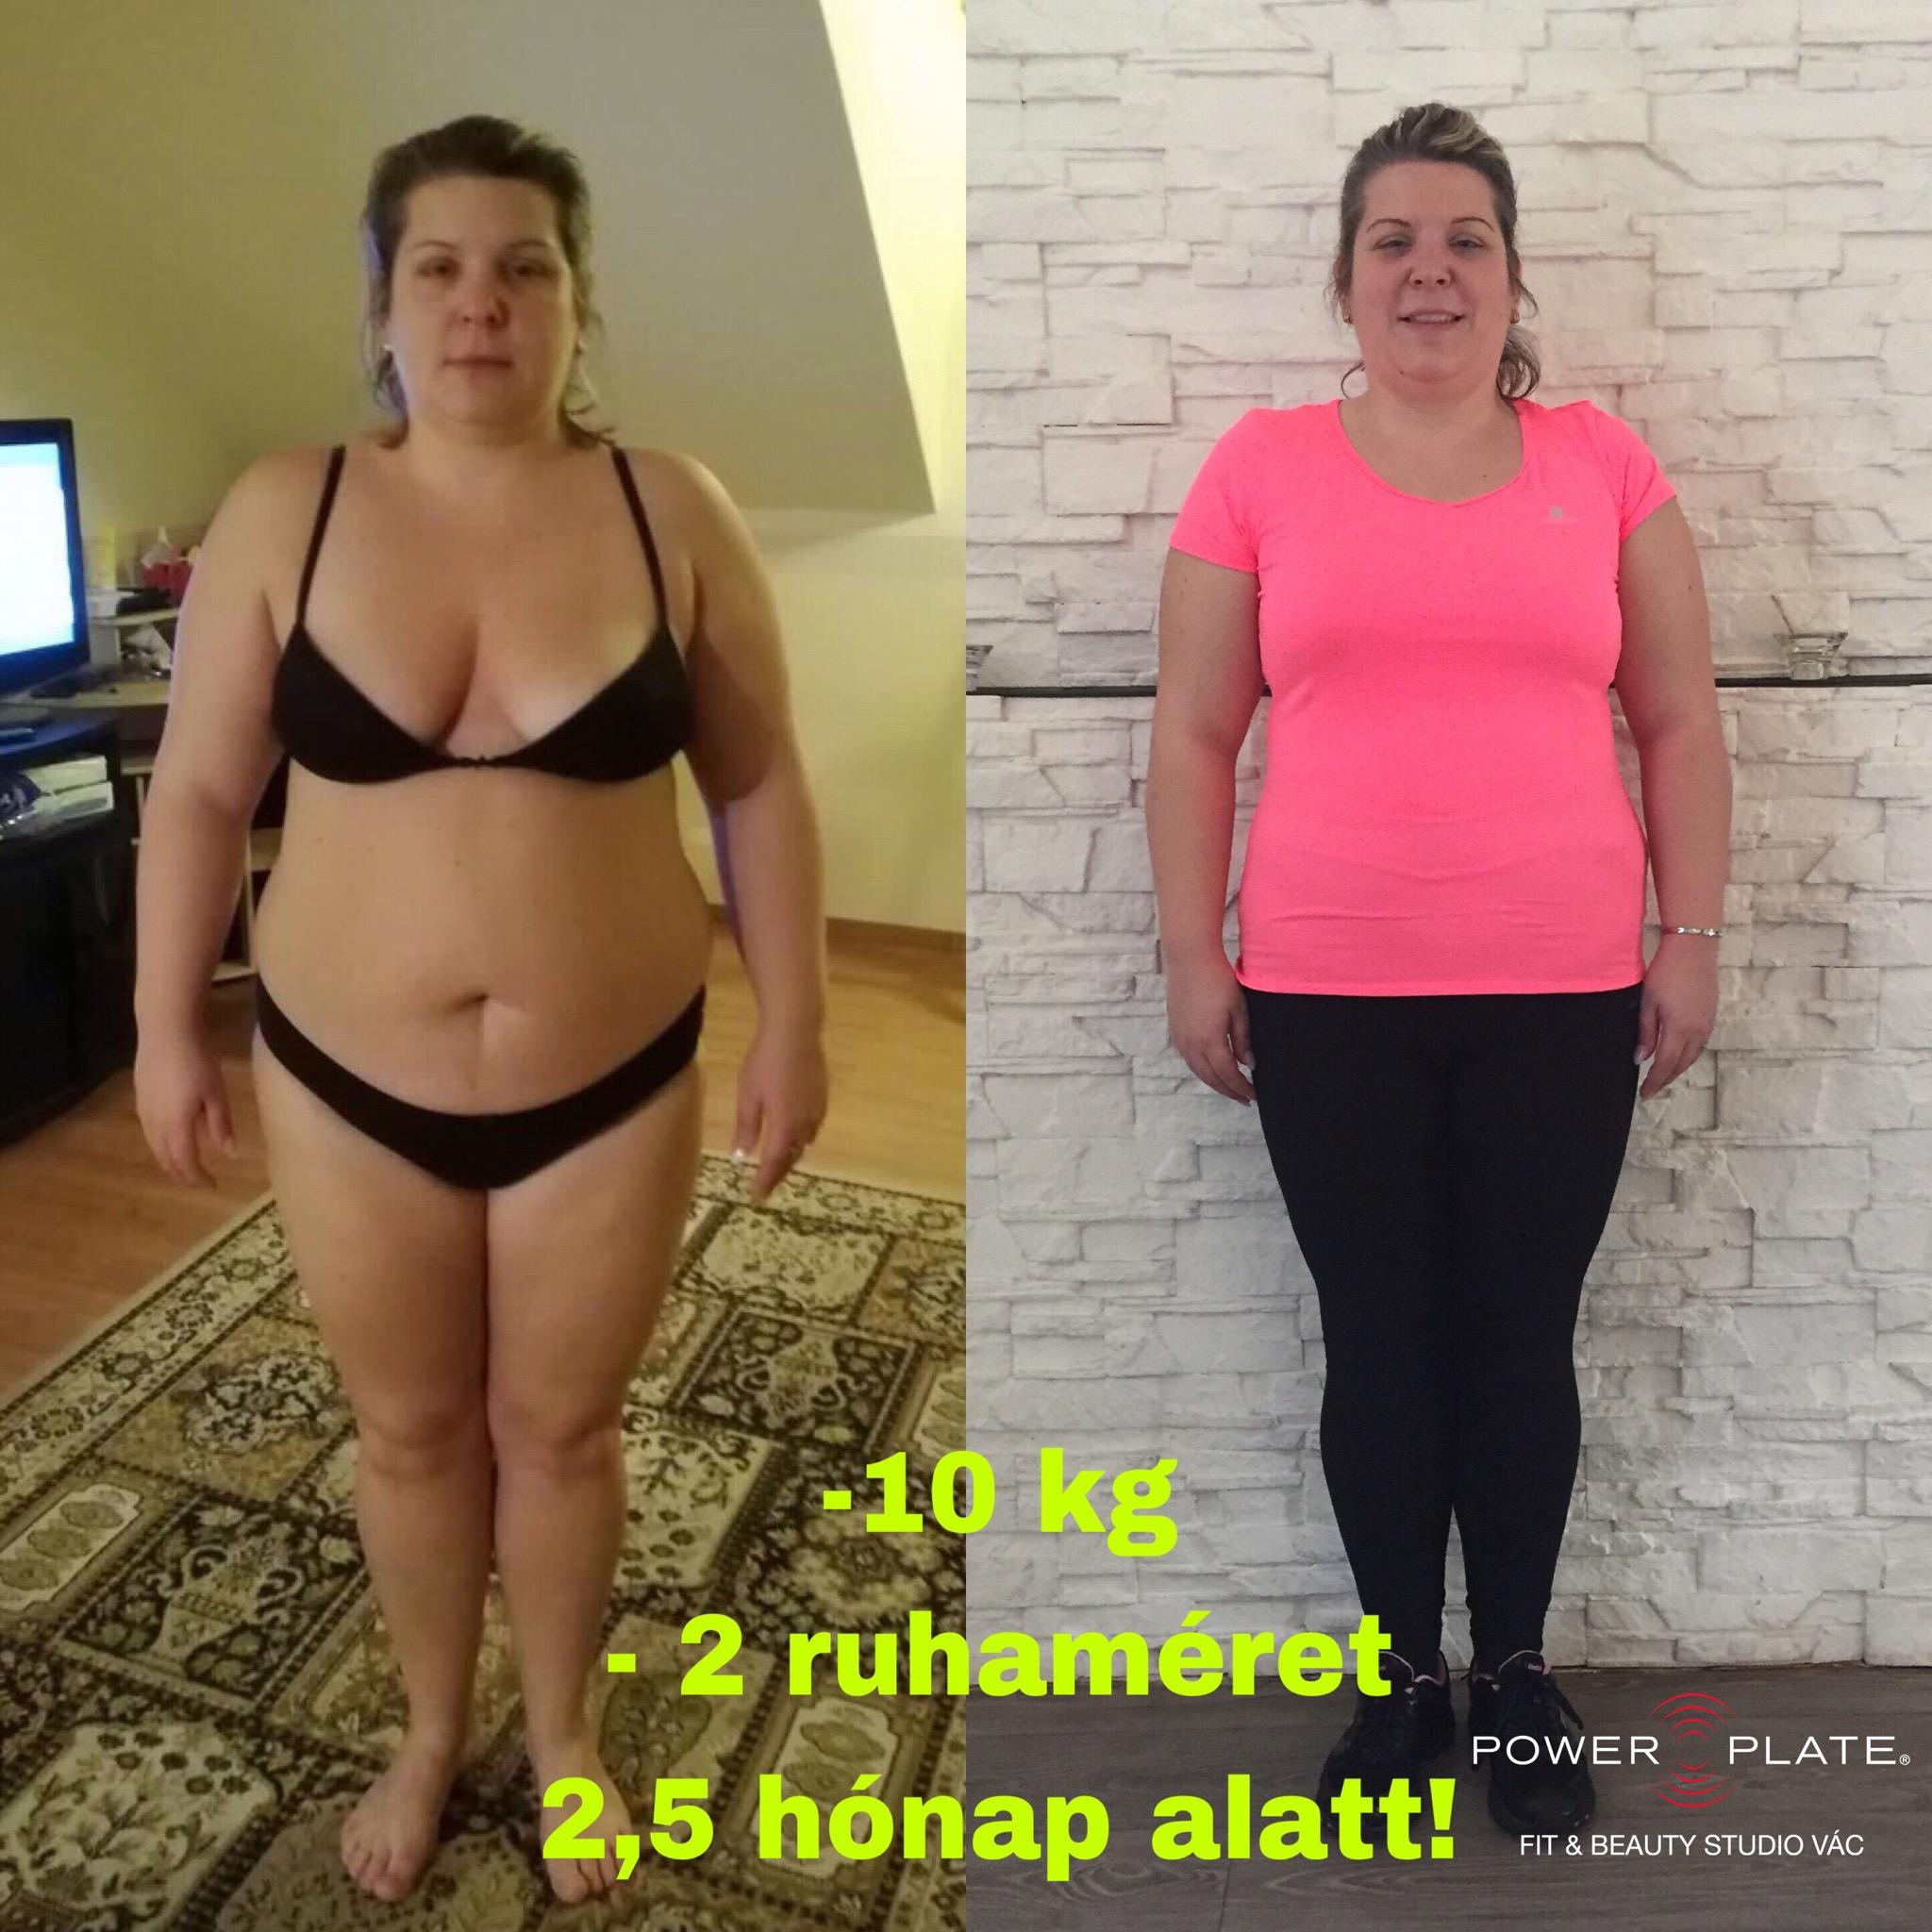 97 kiló volt szülés után, 9 hónap alatt 32 kilót dobott le a magyar anyuka | nlc